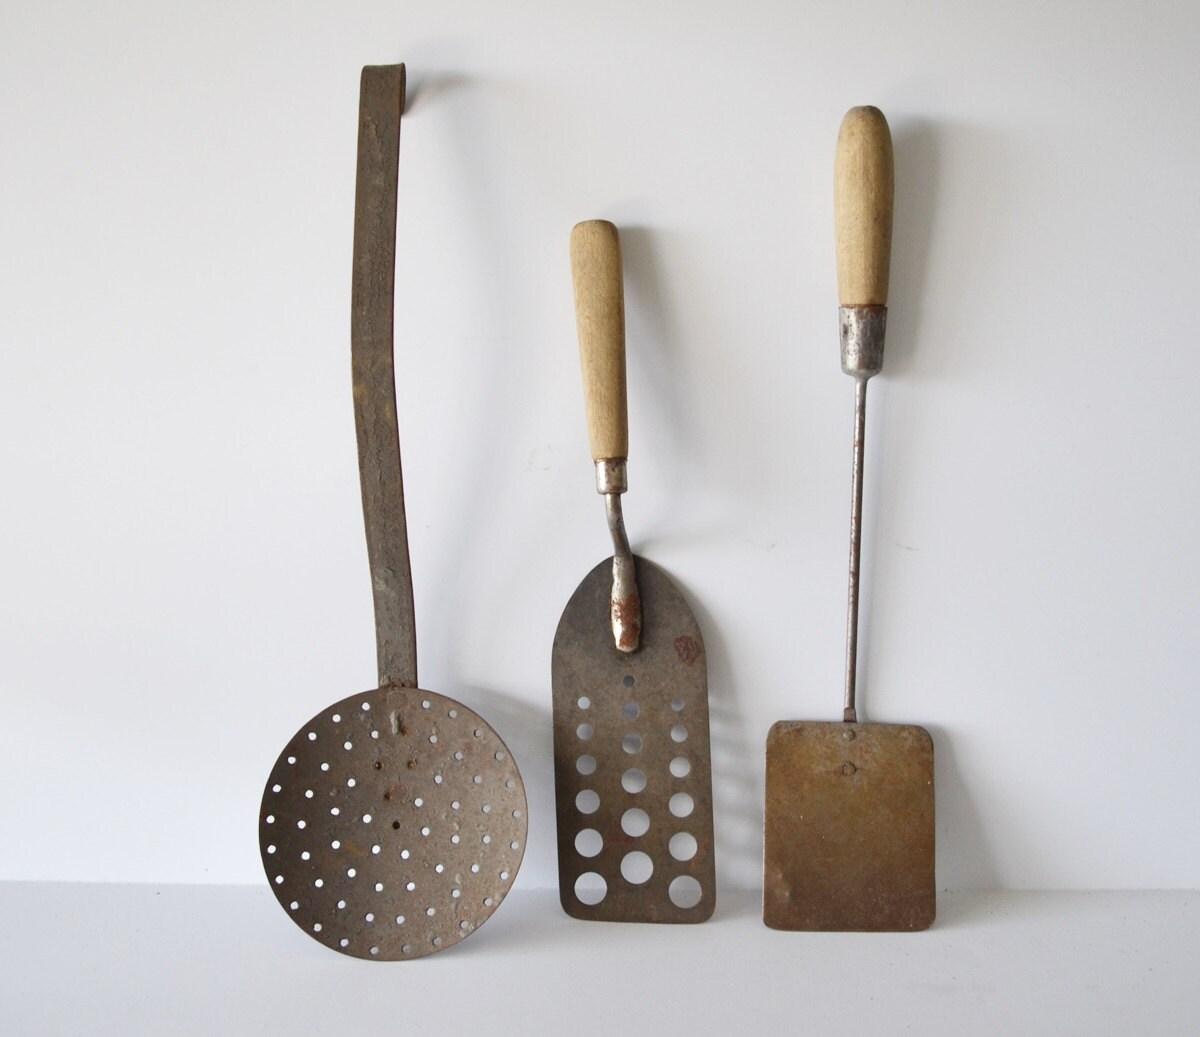 Antique Kitchen Utensils Spatula Caming Utensils RV Kitchen